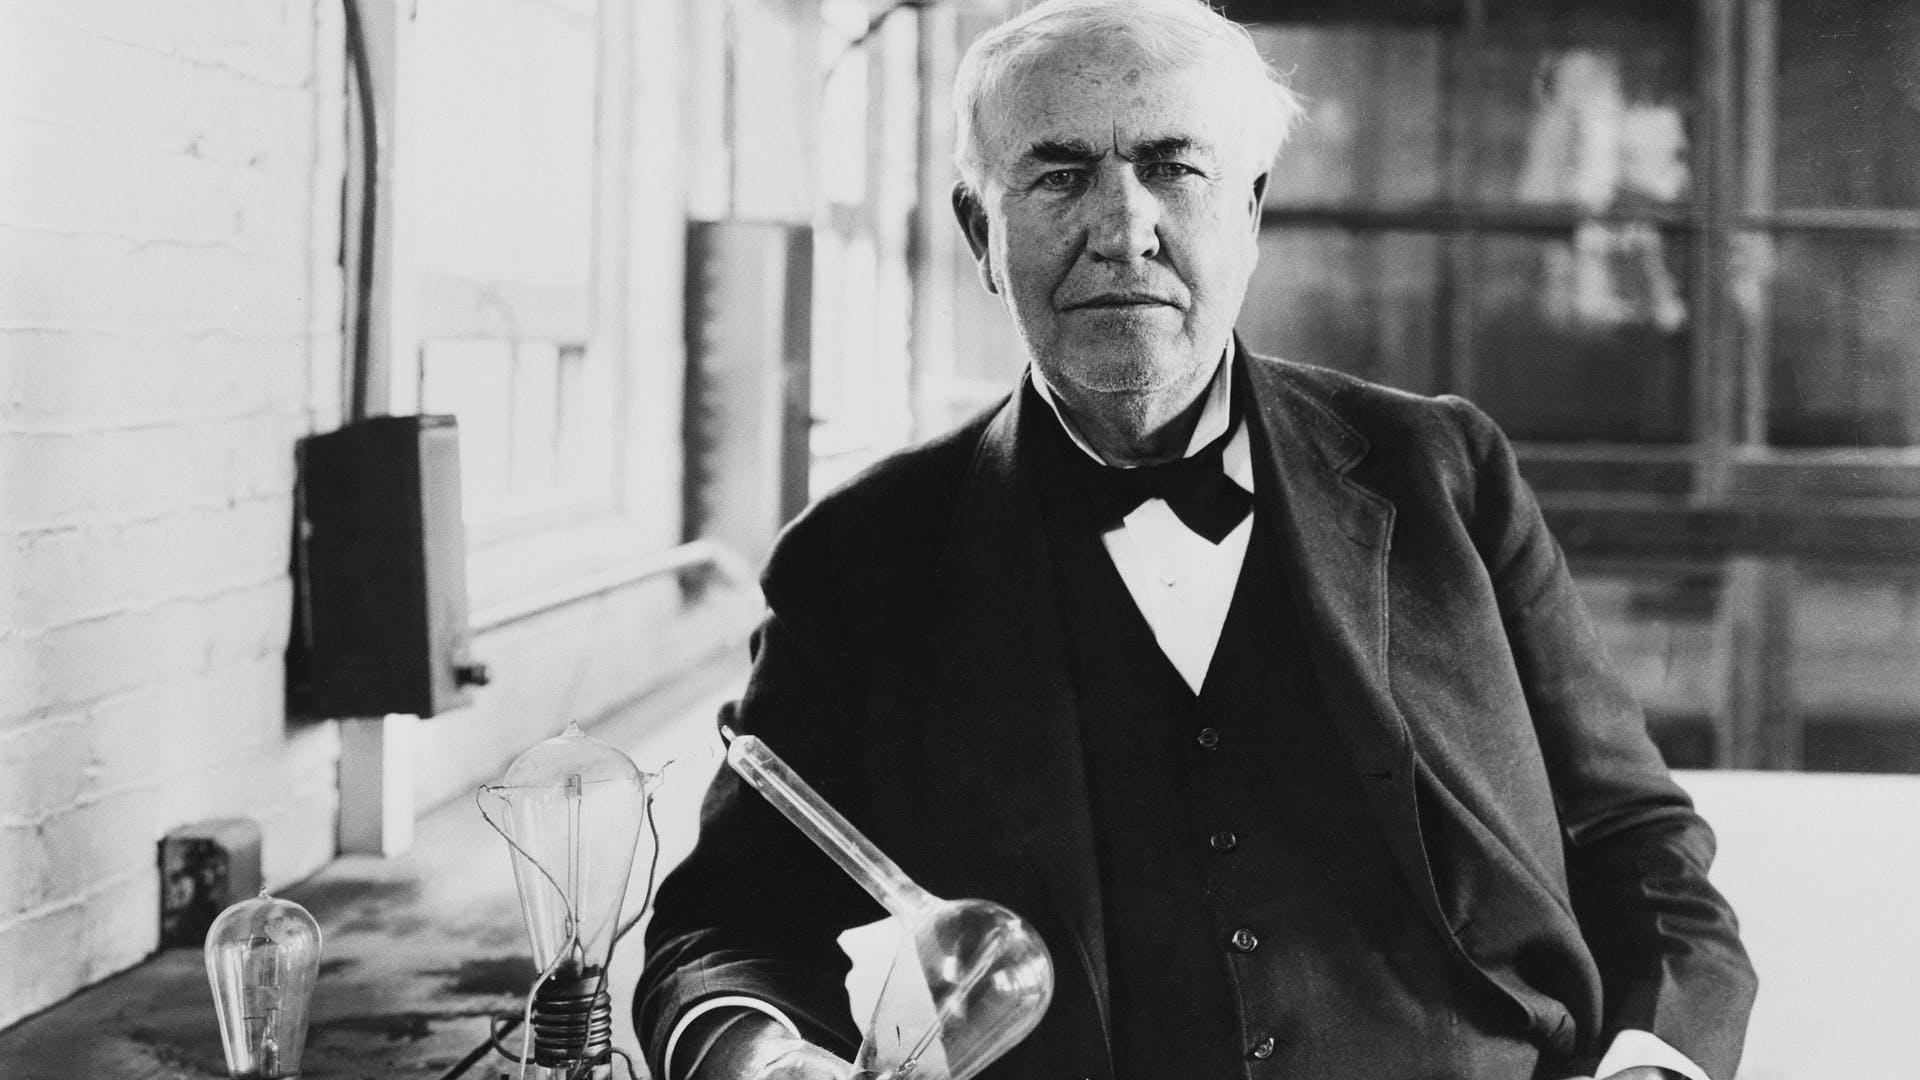 Por que Thomas Edison não ganhou o Prêmio Nobel?